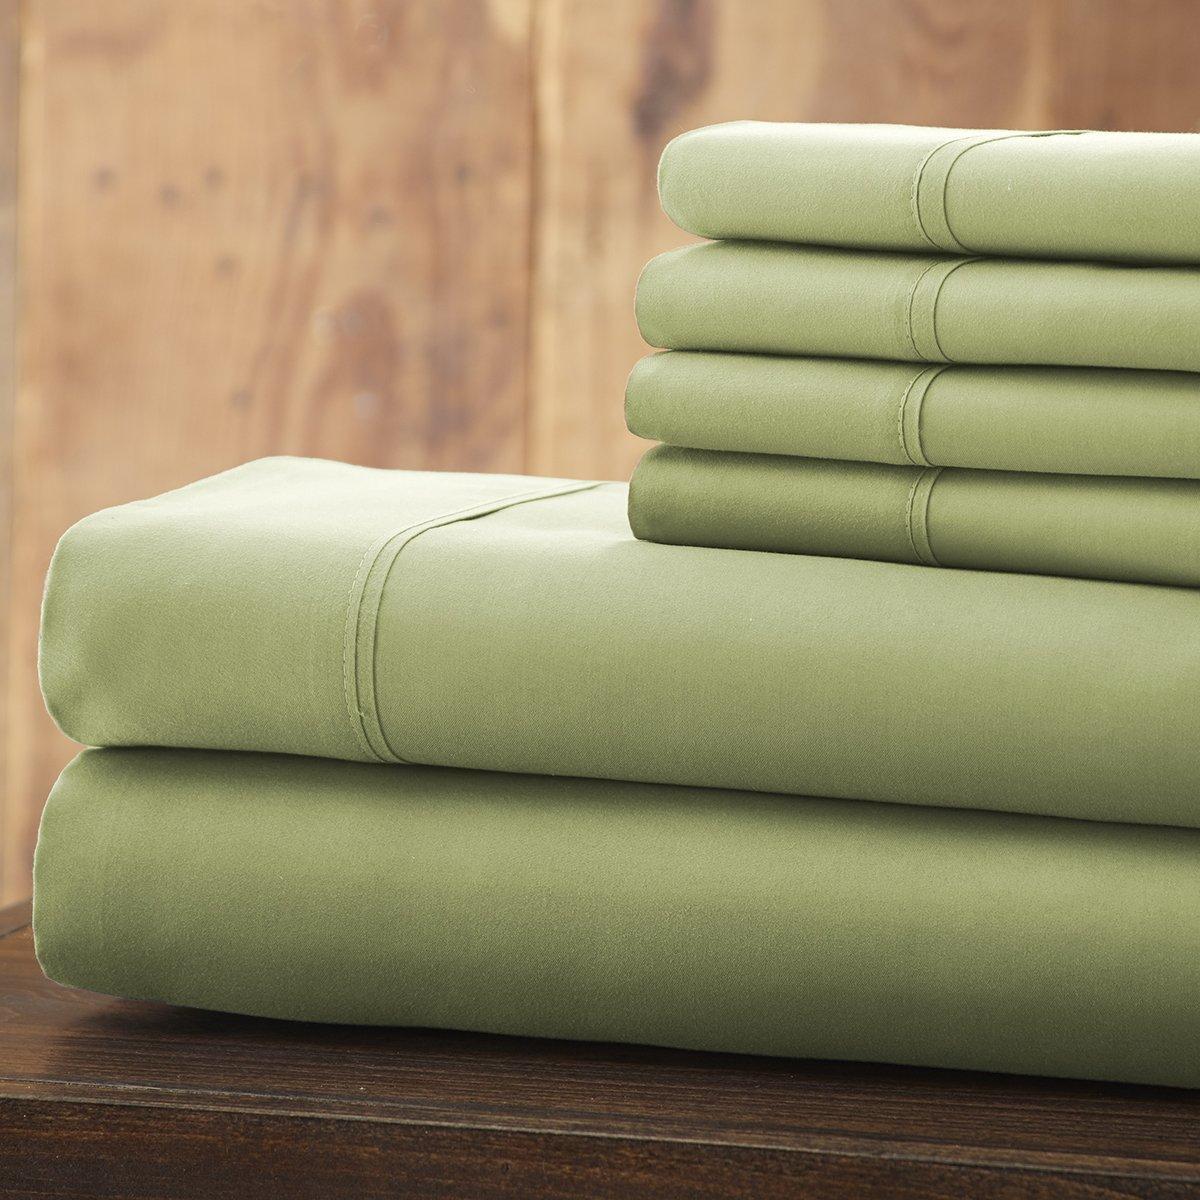 Spirit Linen 6 Piece Everyday Essentials 1800 Series Sheet Set, King, Sage